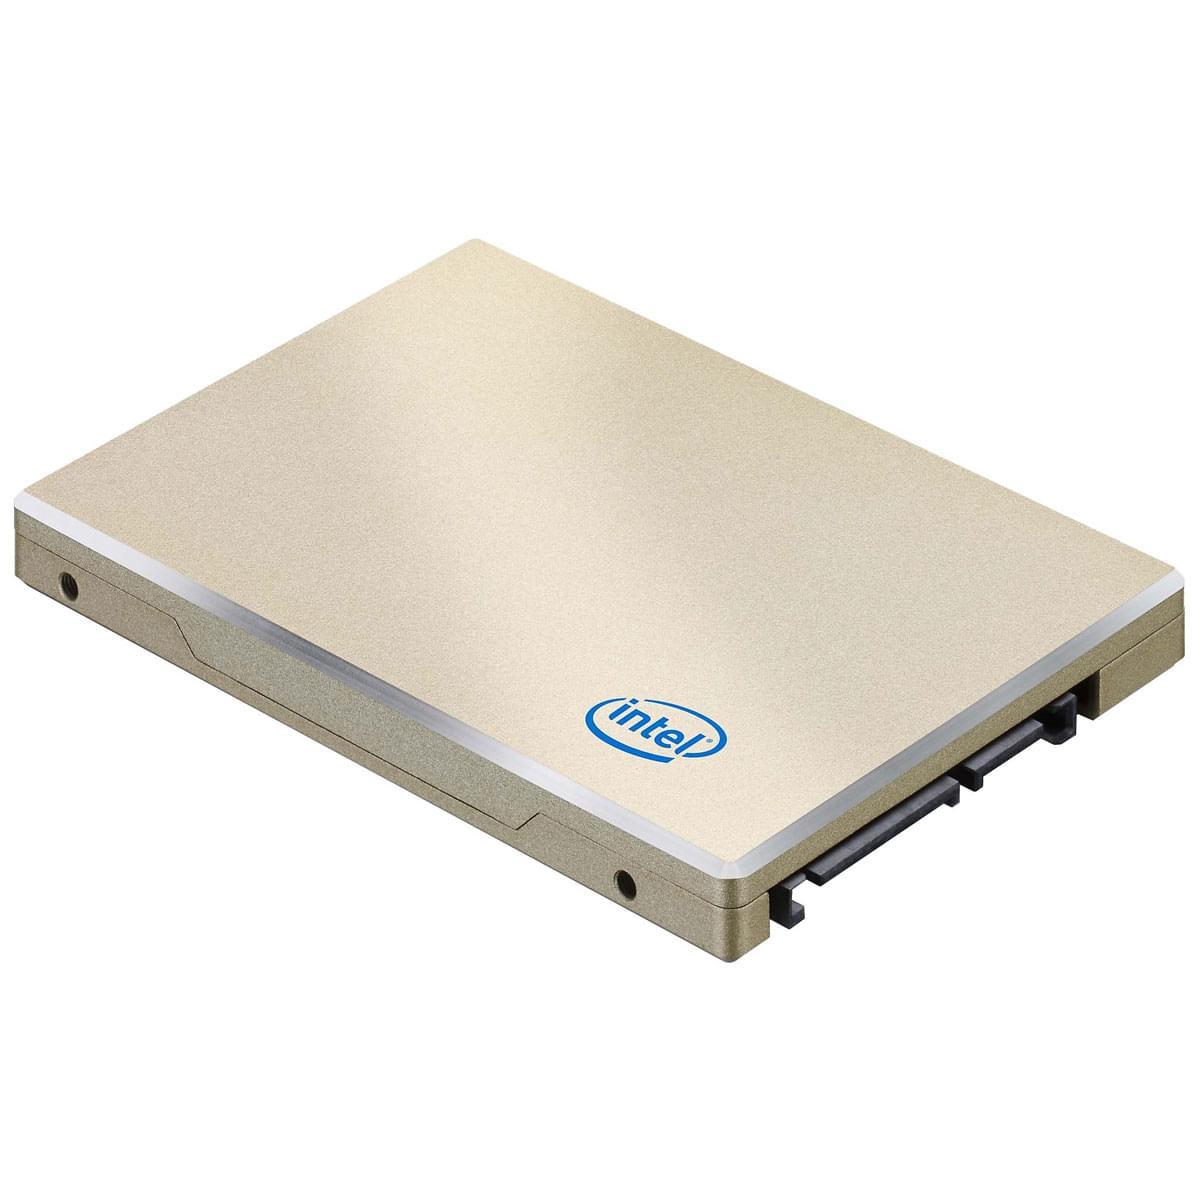 Intel SSD250-510 240-275Go - Disque SSD Intel - Cybertek.fr - 0